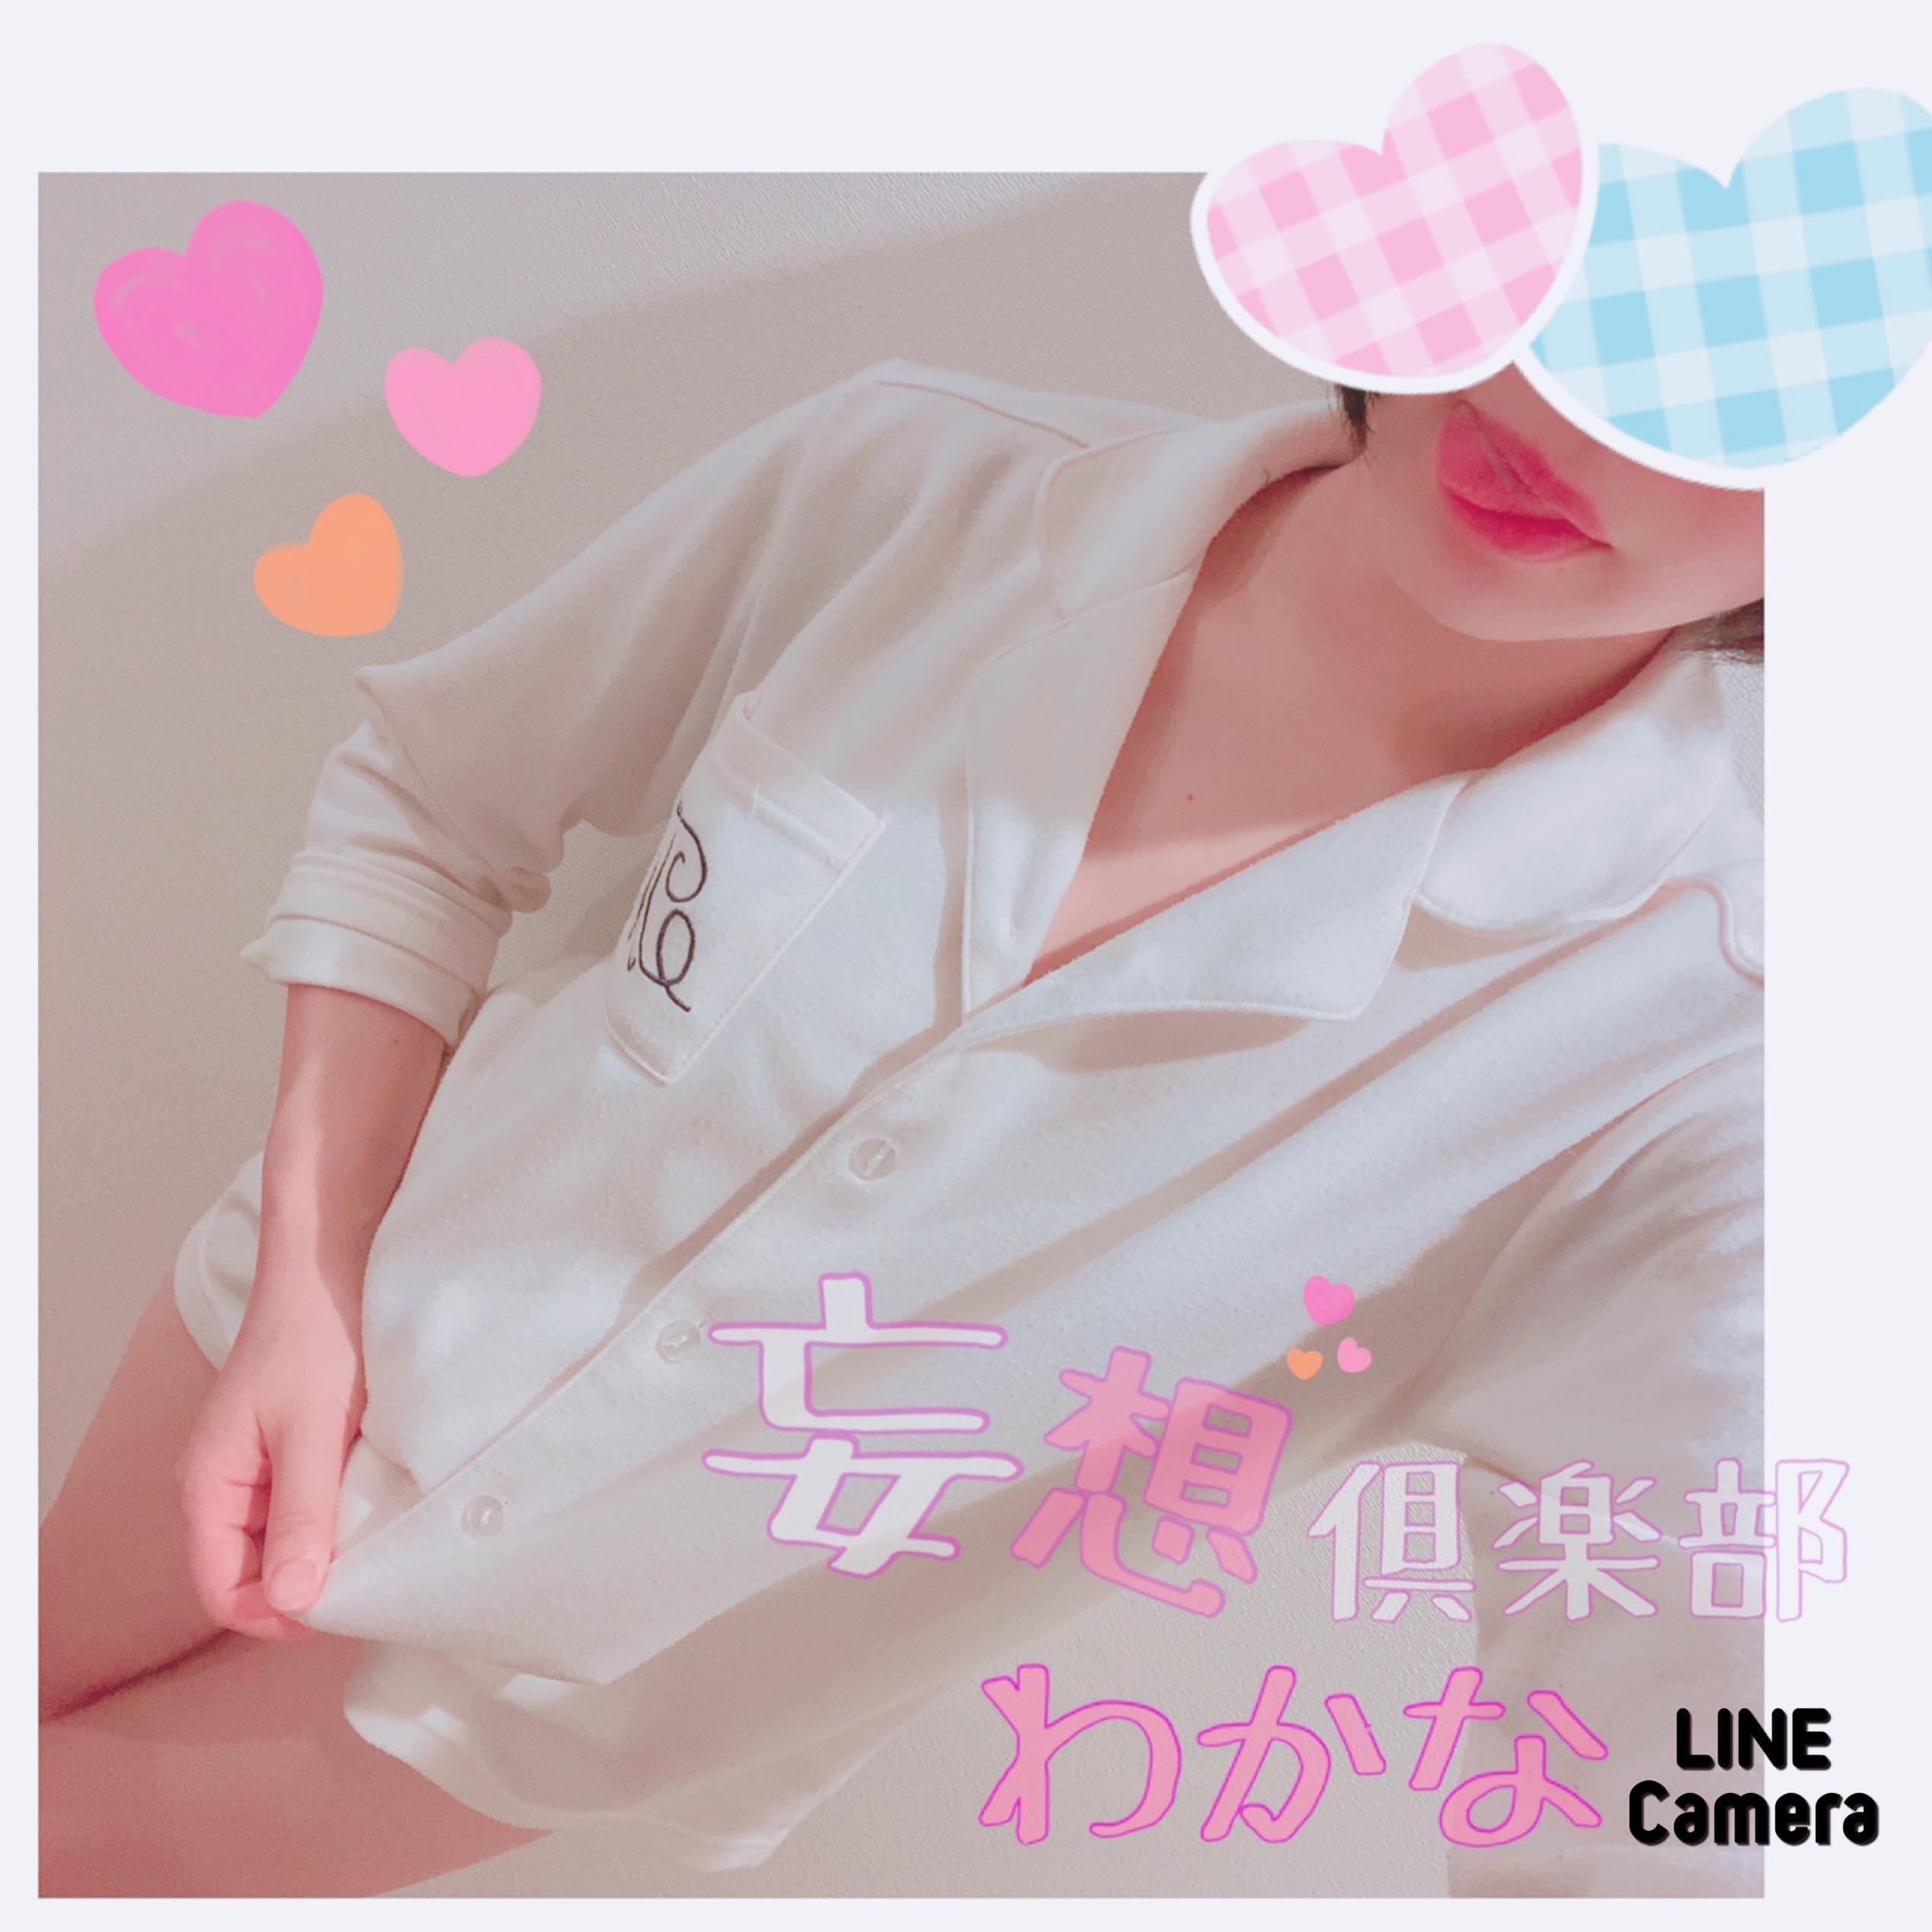 「おしまいデスッ」09/29(火) 23:01 | わかなの写メ・風俗動画